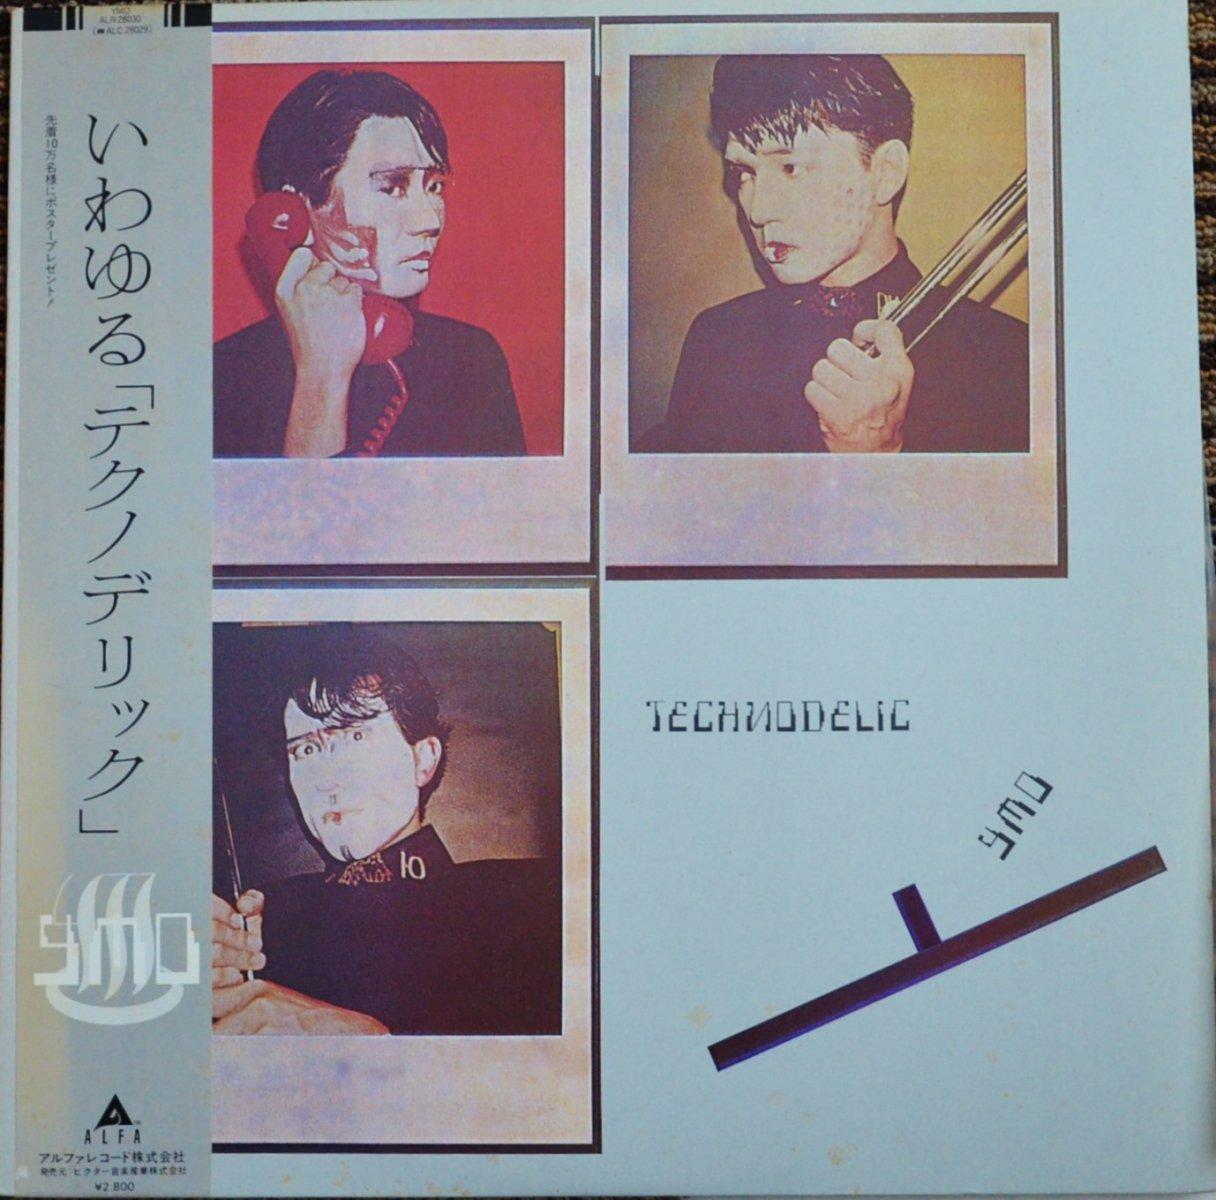 Y.M.O. (YELLOW MAGIC ORCHESTRA) / いわゆる 「テクノデリック」 TECHNODELIC (LP)